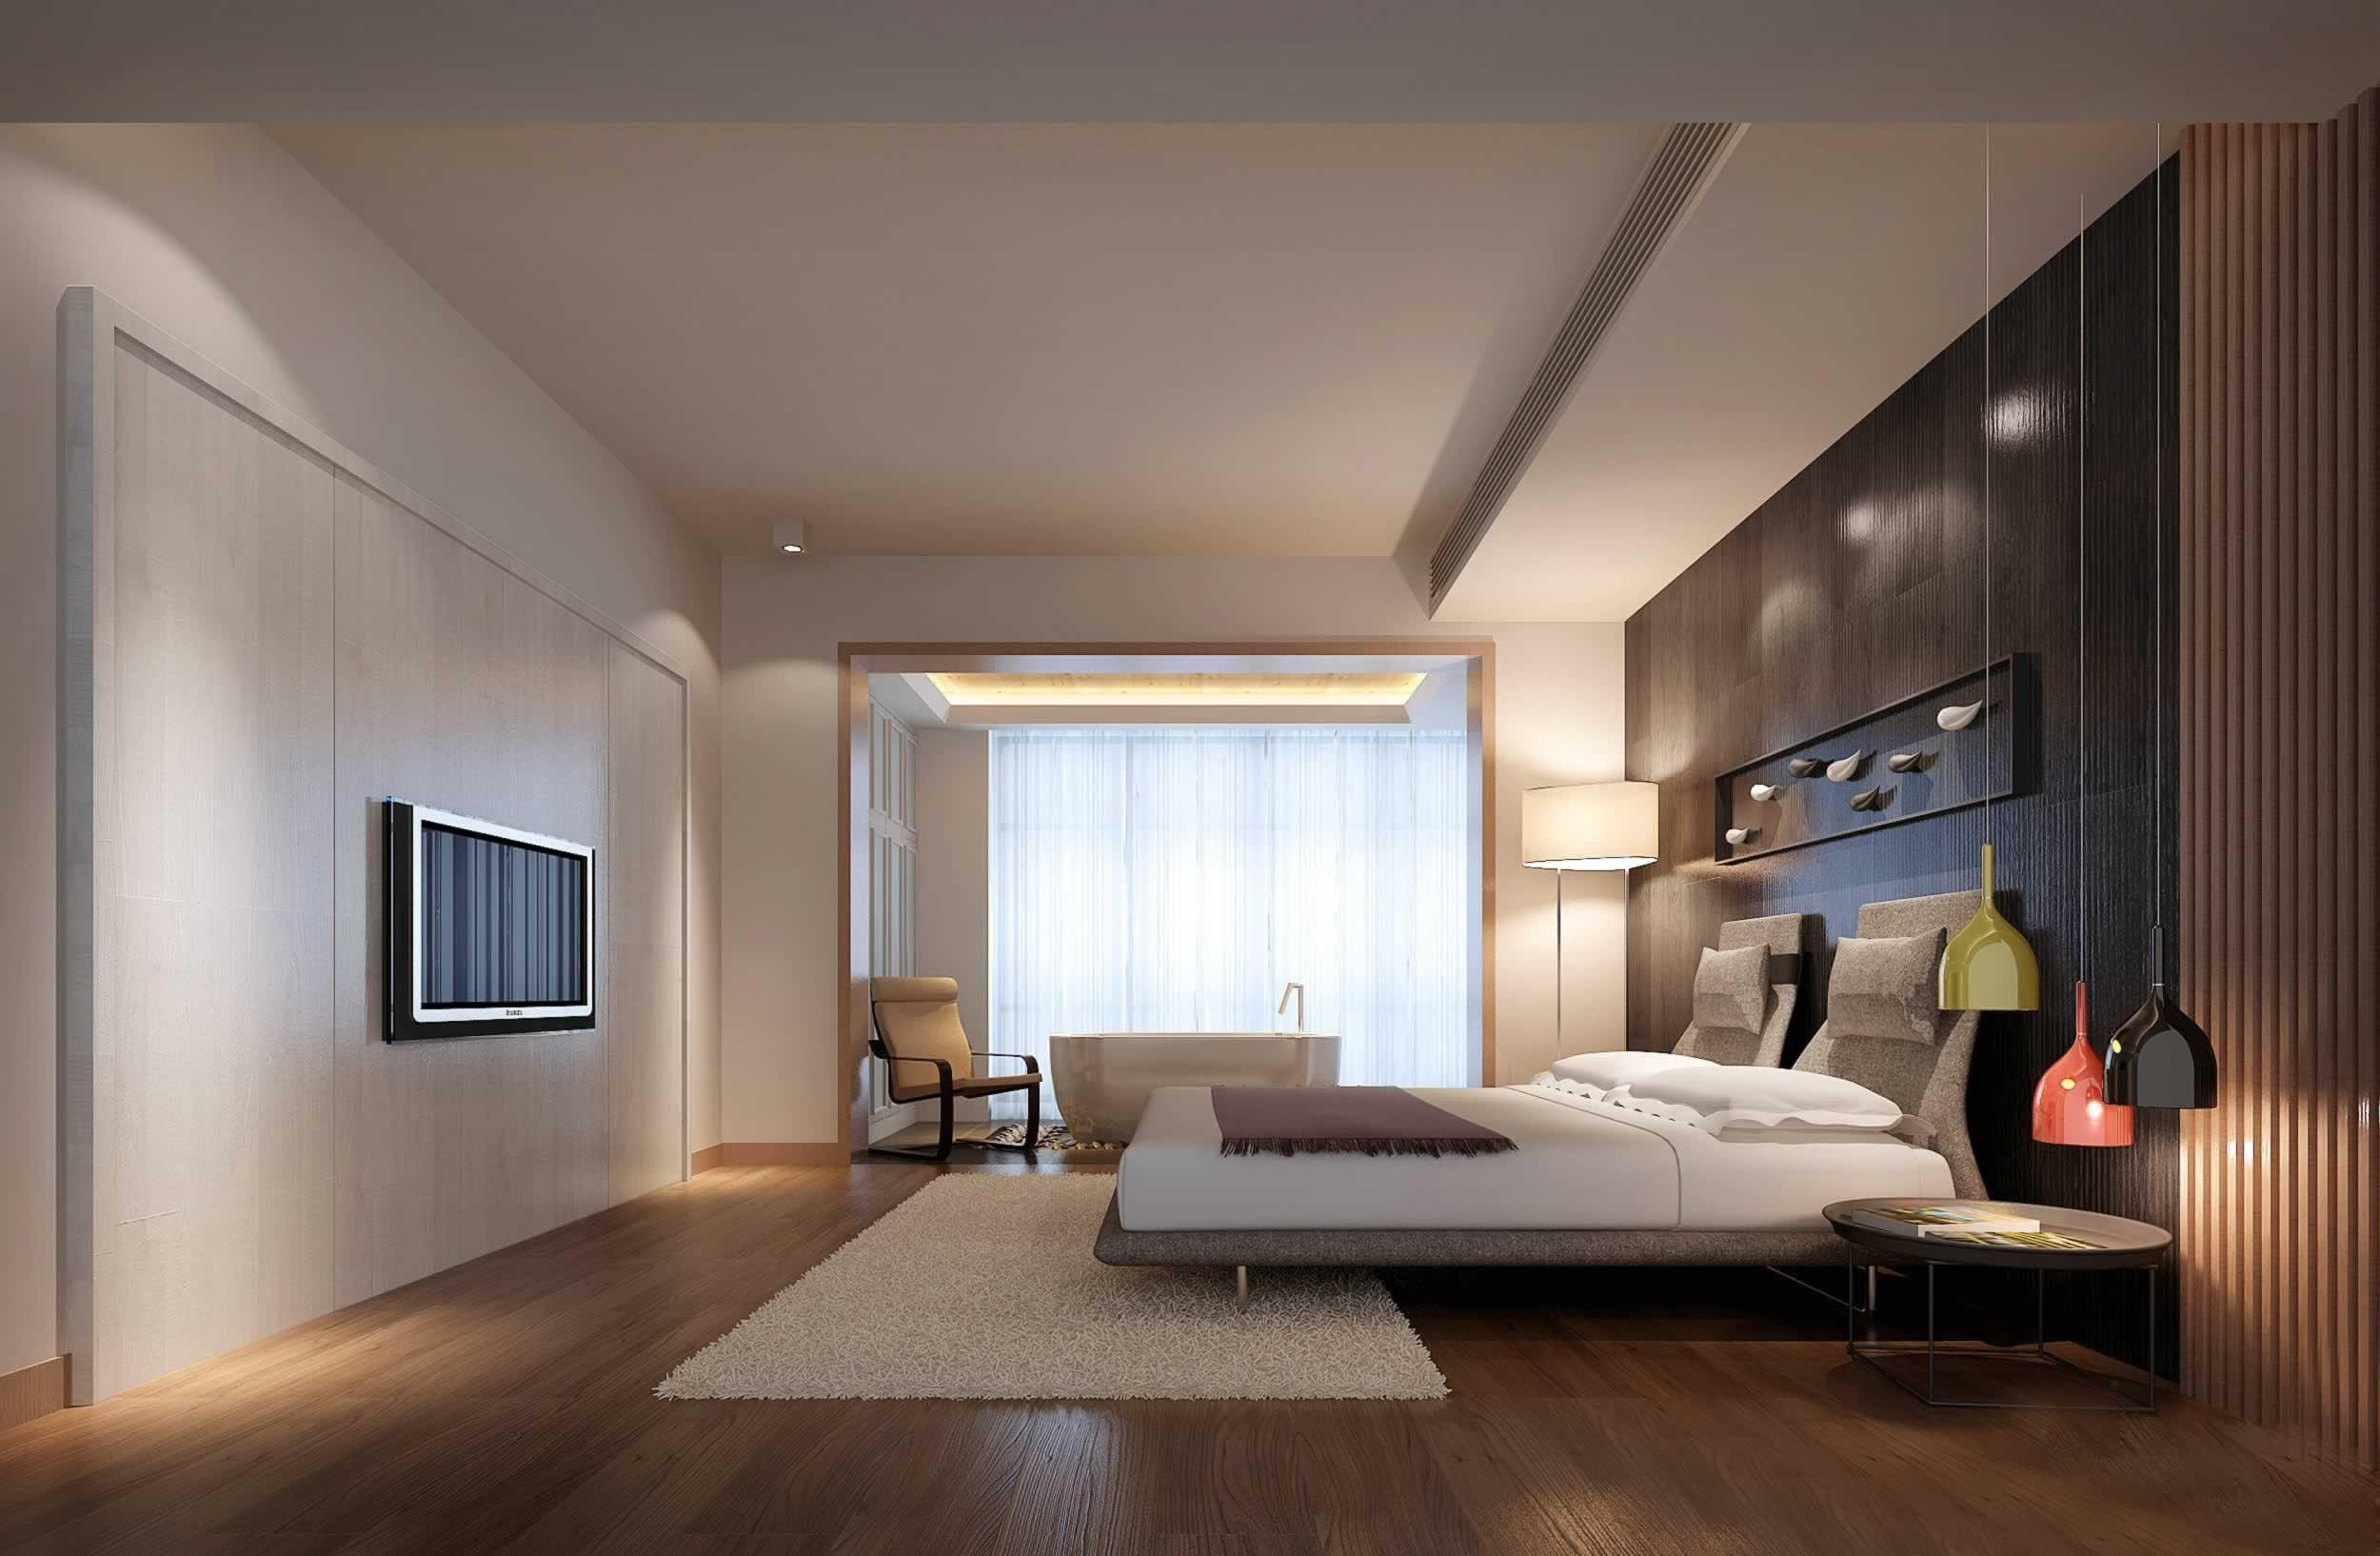 极简主义风格家居卧室背景墙效果图九正家居装修